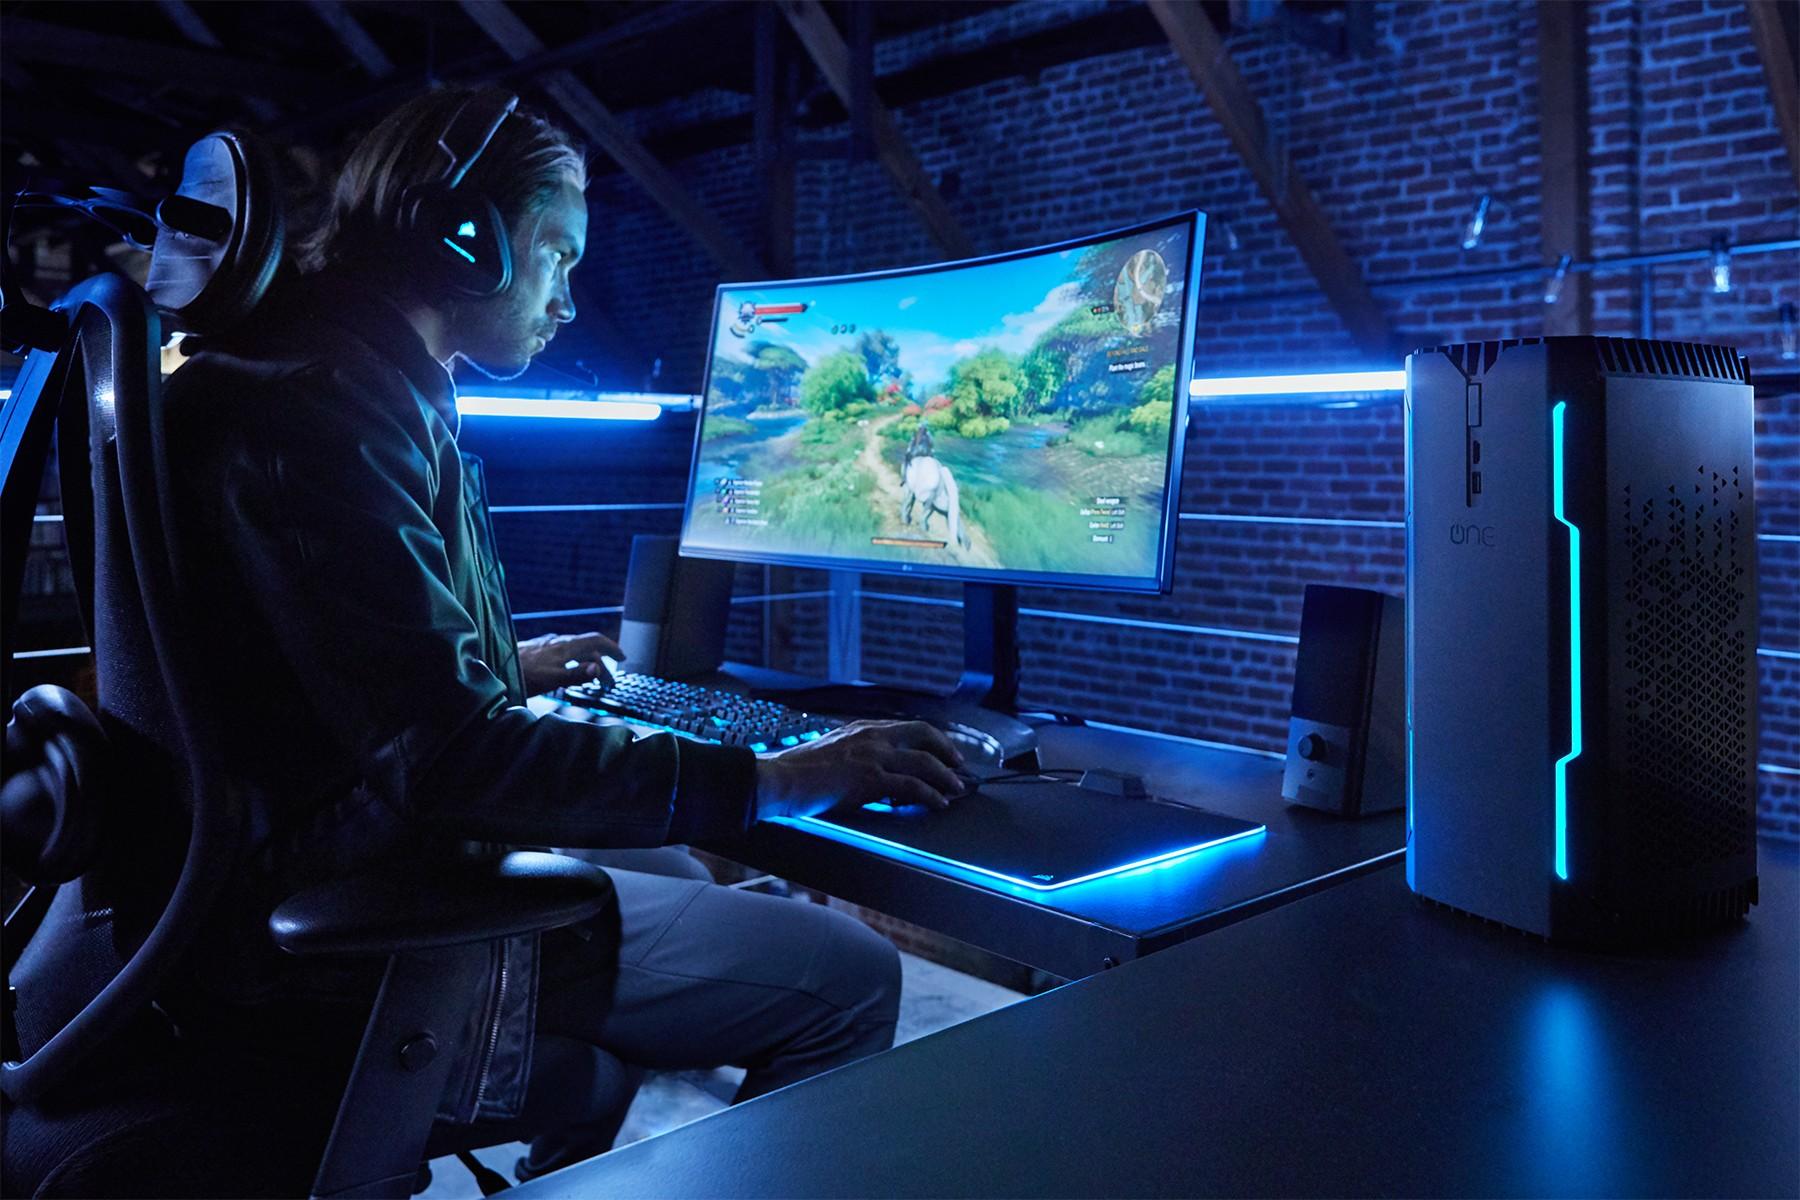 Corsair One Elite mit Core i7-8700K, GeForce GTX 1080 Ti und